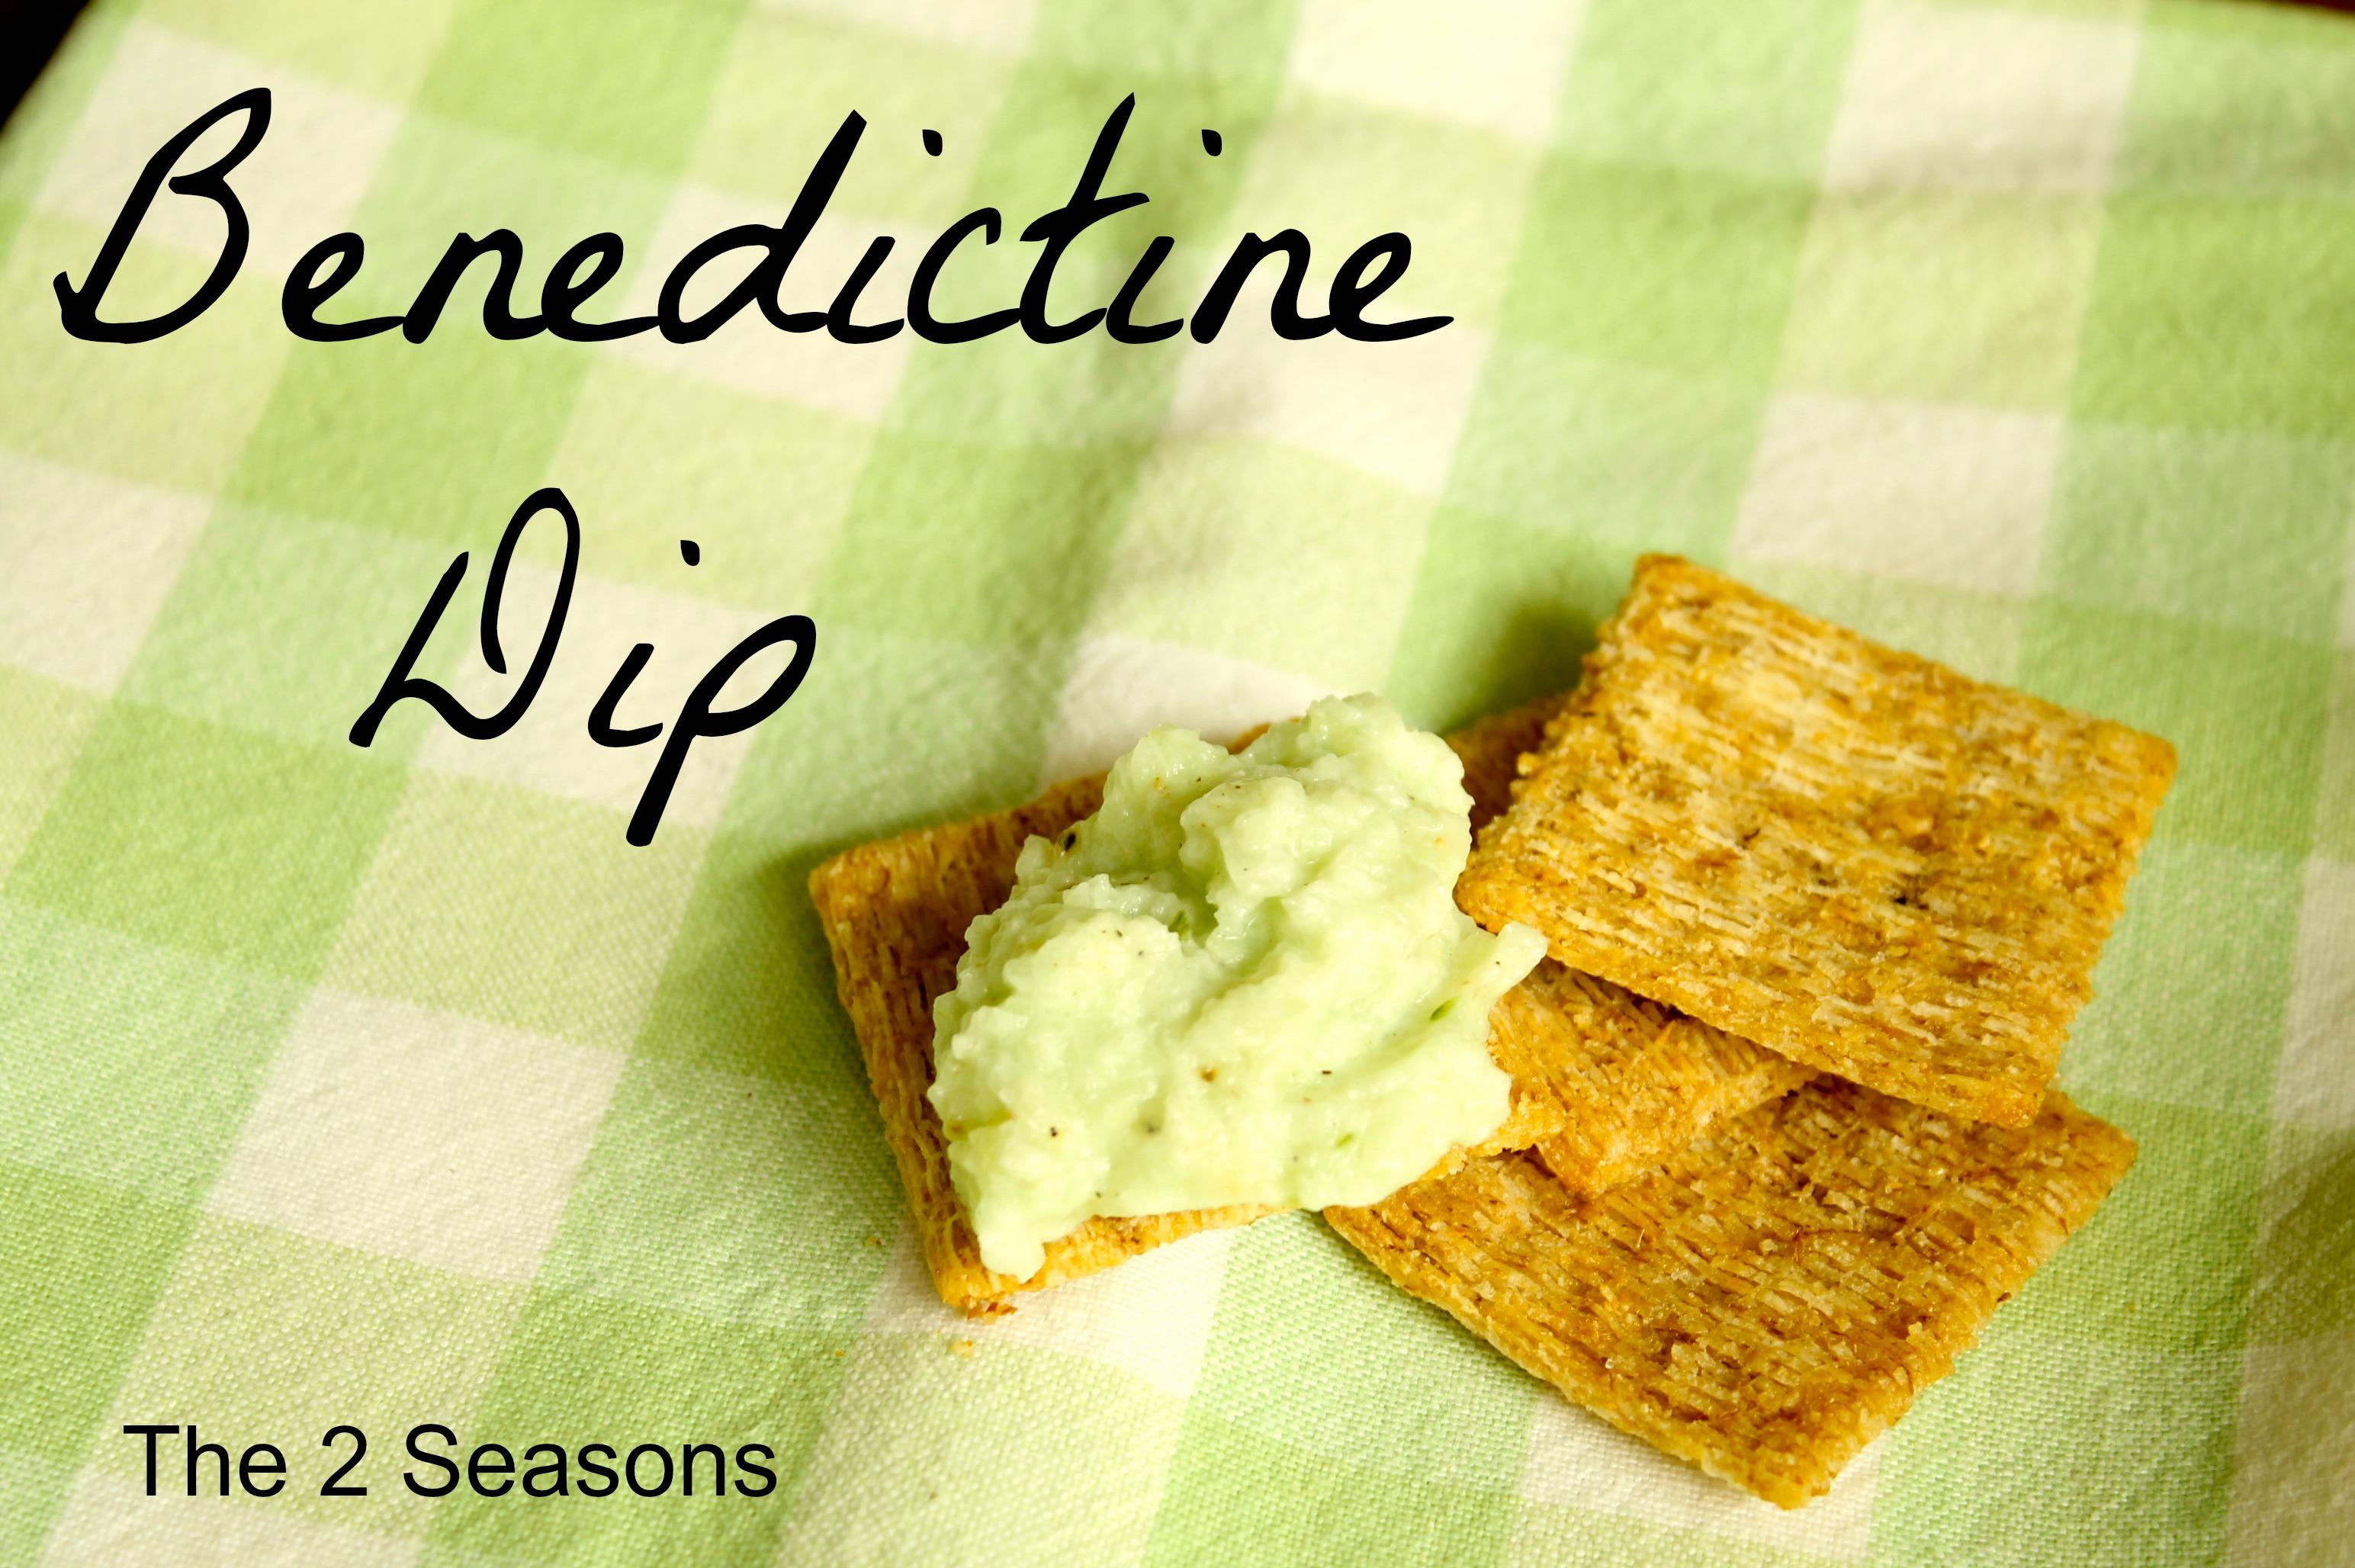 Benedictine -  Benedictine Dip Recipe